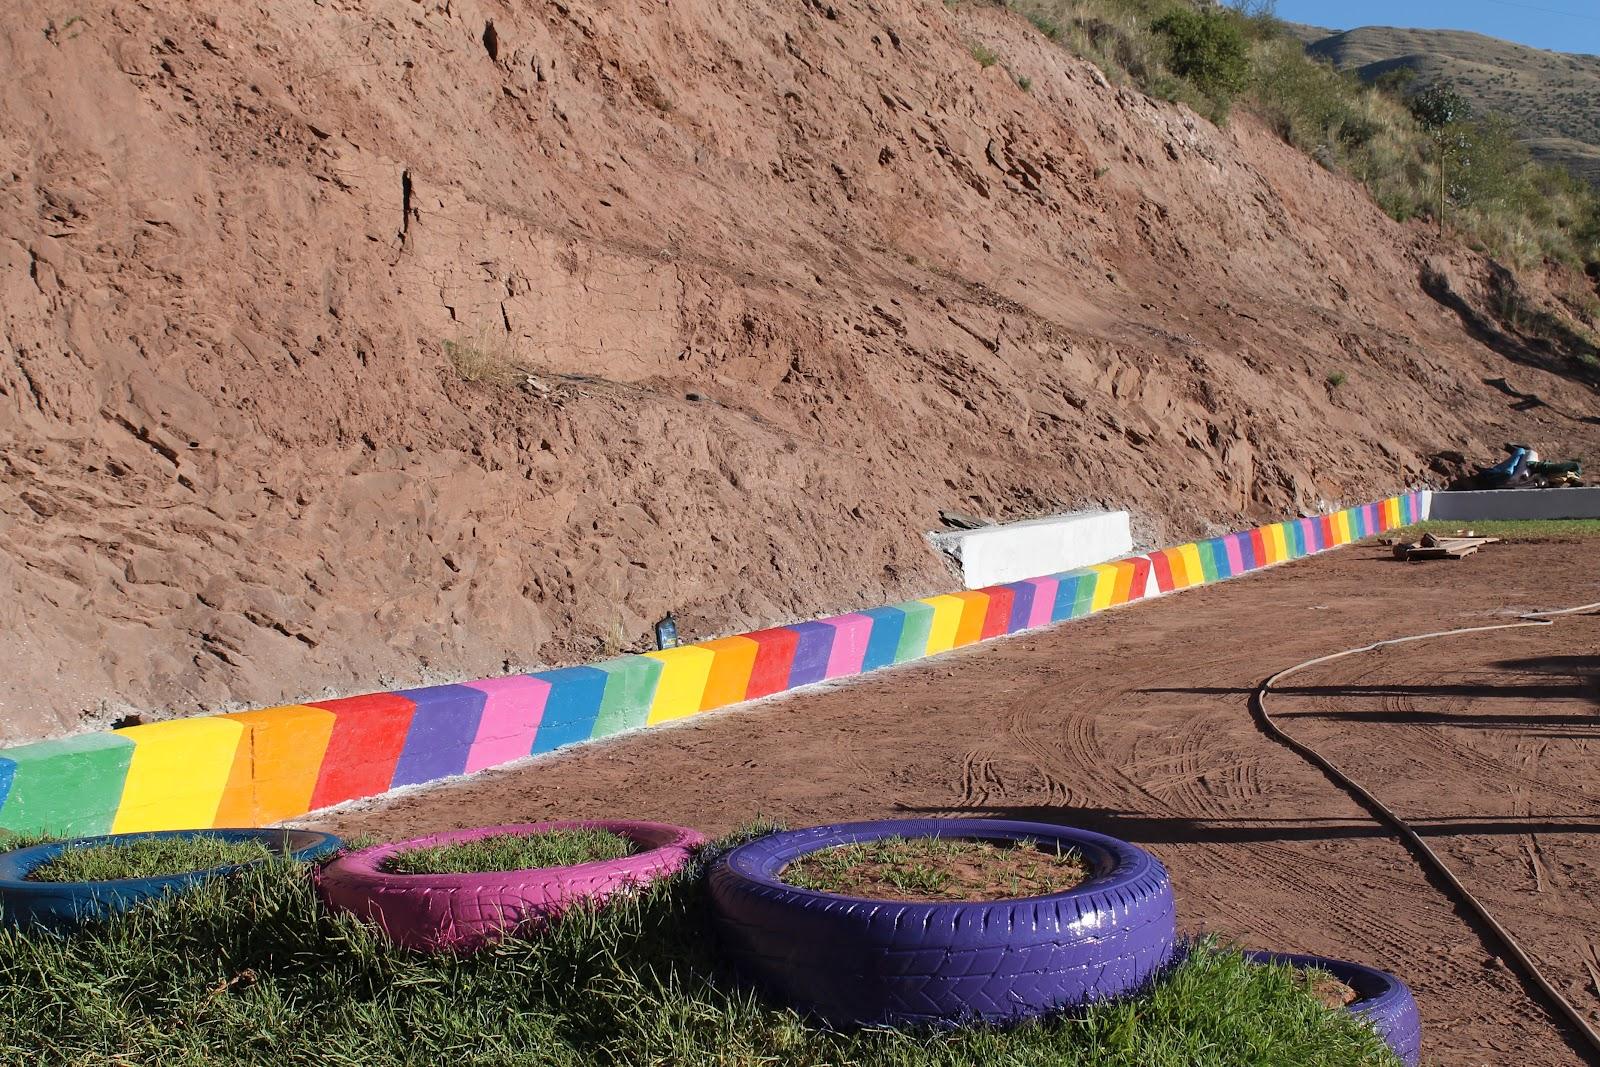 http://4.bp.blogspot.com/-M4gCzo9H7jU/T-x_KfVVCJI/AAAAAAAAAPM/hg7qfC2U0ZY/s1600/Peru+2012+394.jpg